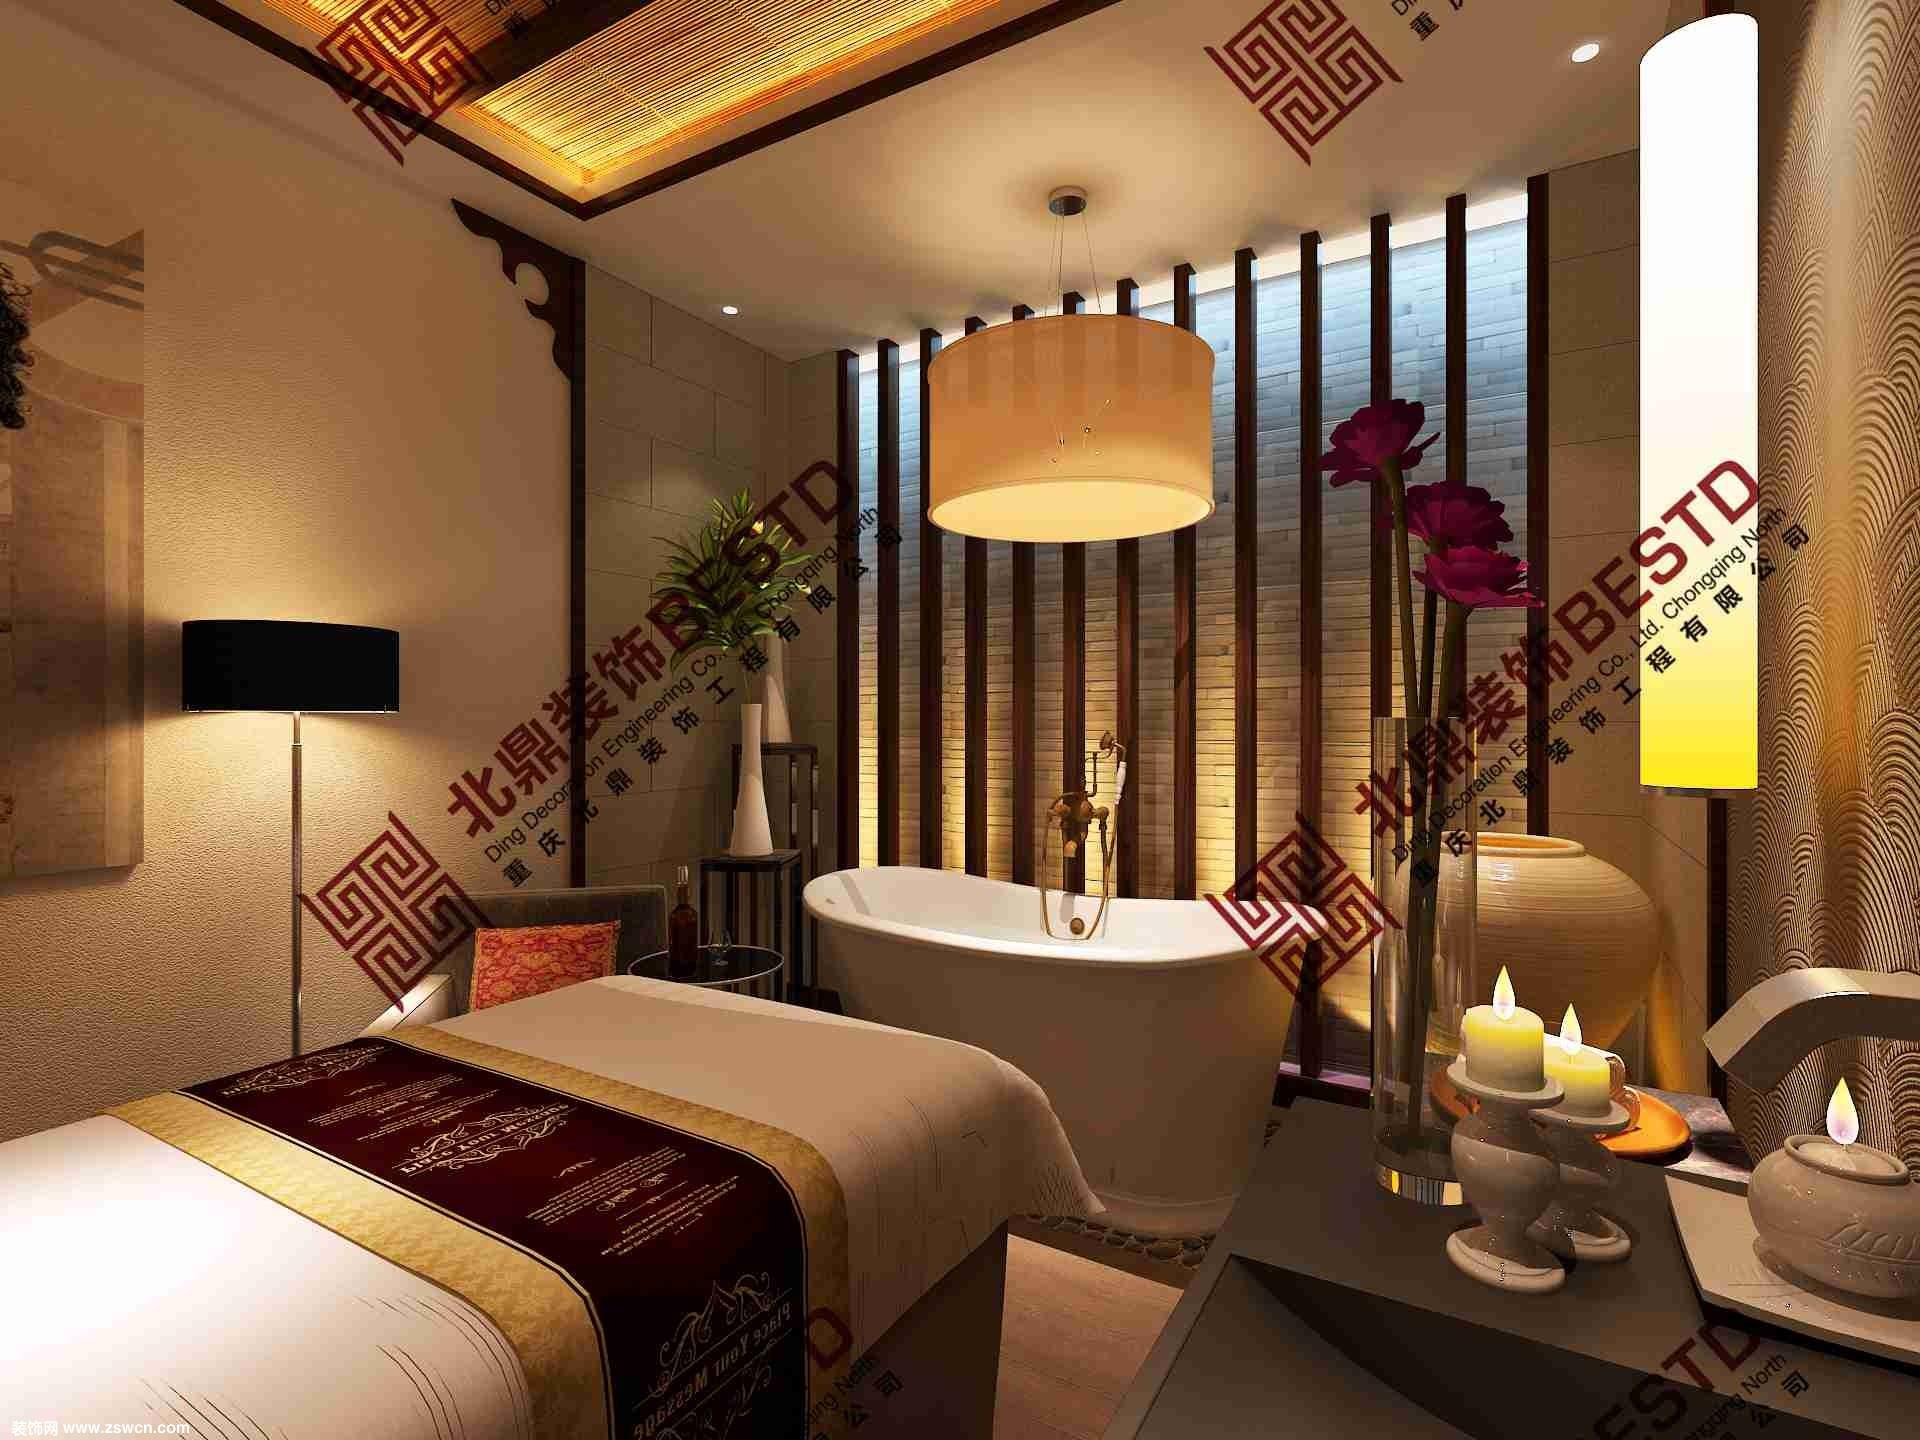 重庆酒店装修|重庆商务酒店装修设计|重庆三星级酒店设计